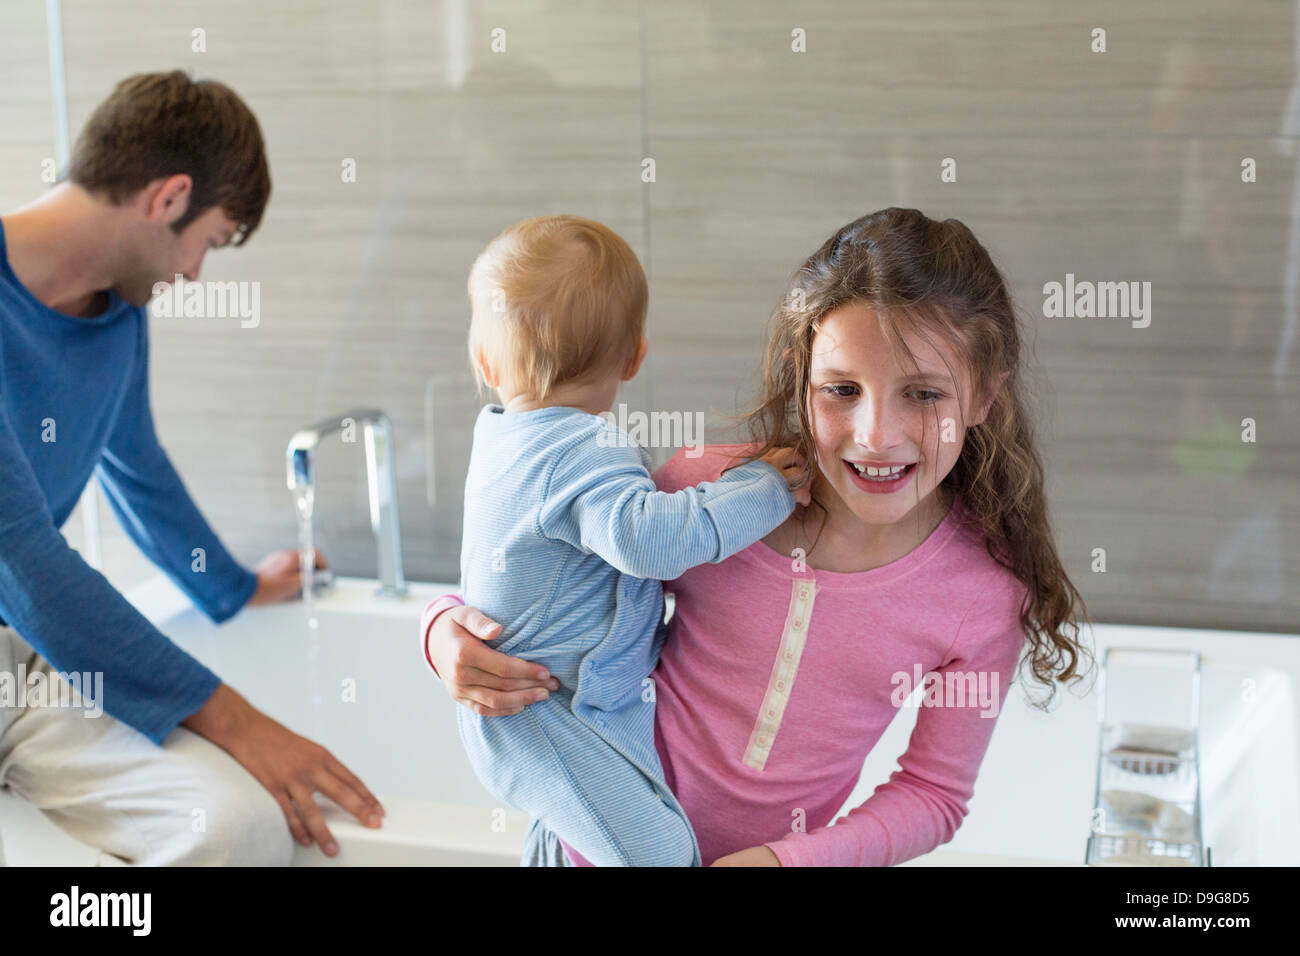 Ragazza sorridente con suo fratello e suo padre seduto su un bordo vasca nella stanza da bagno Immagini Stock